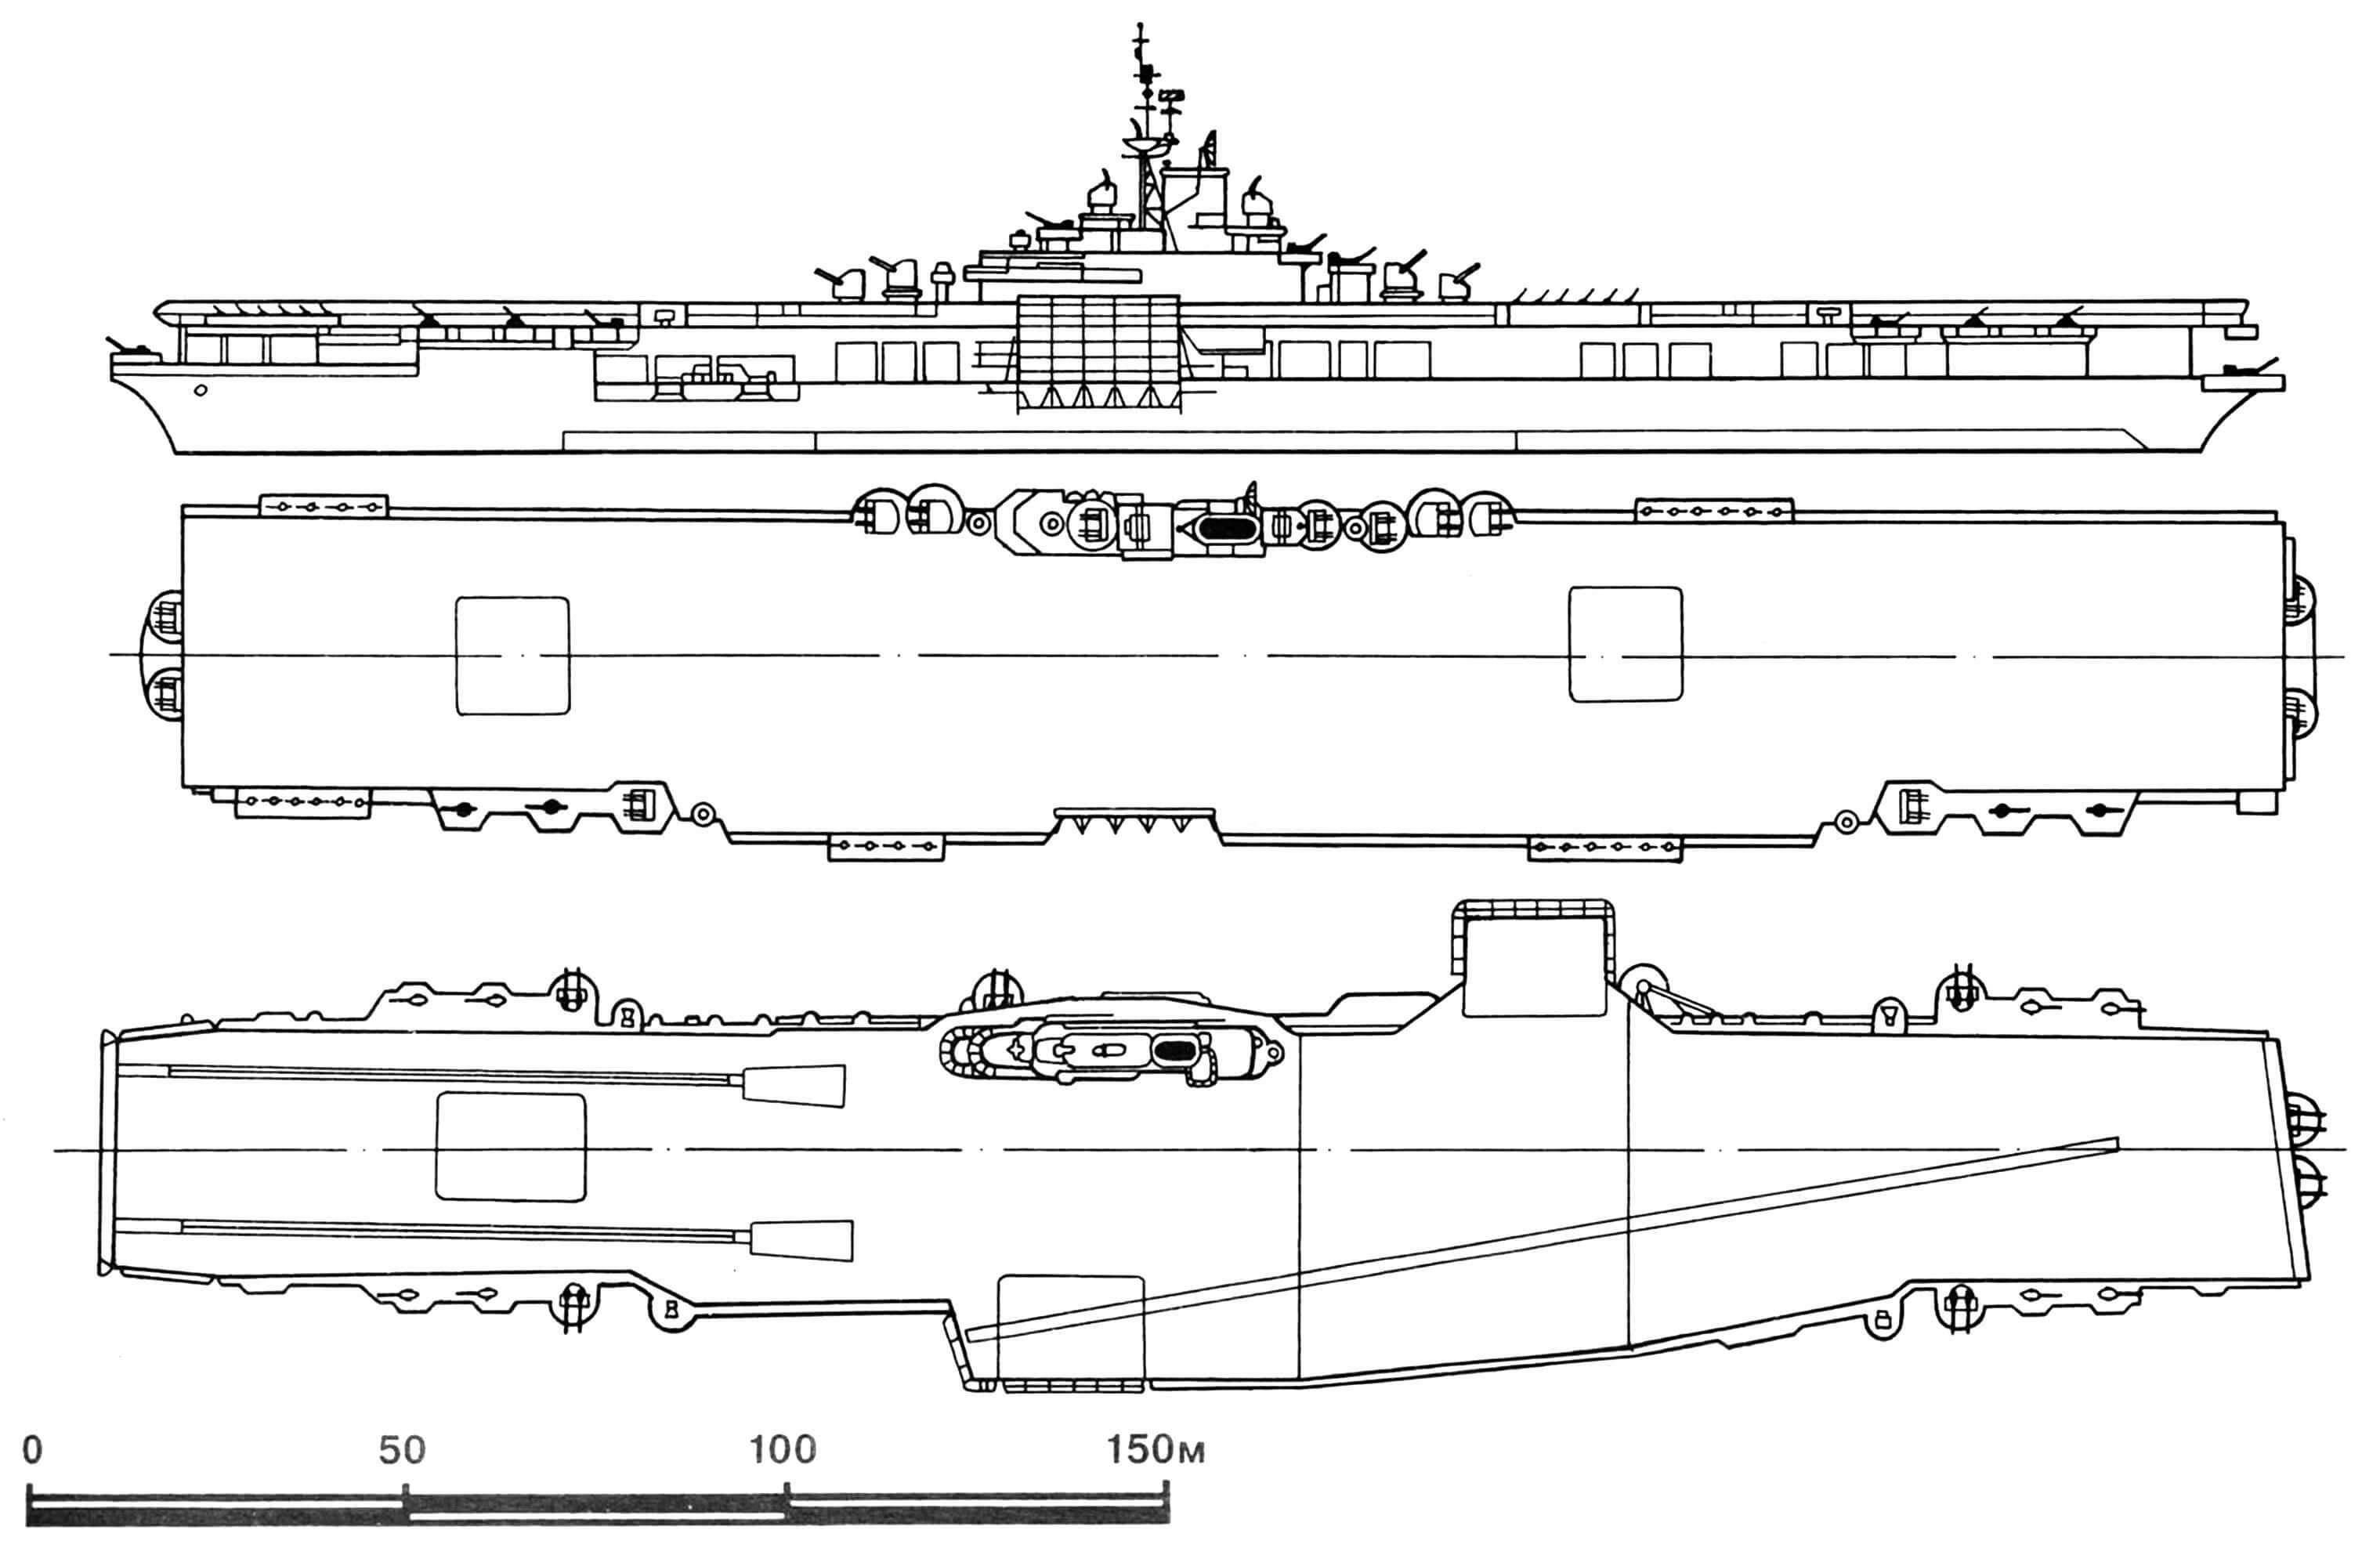 Ударный авианосец «Эссекс» до модернизации и после.